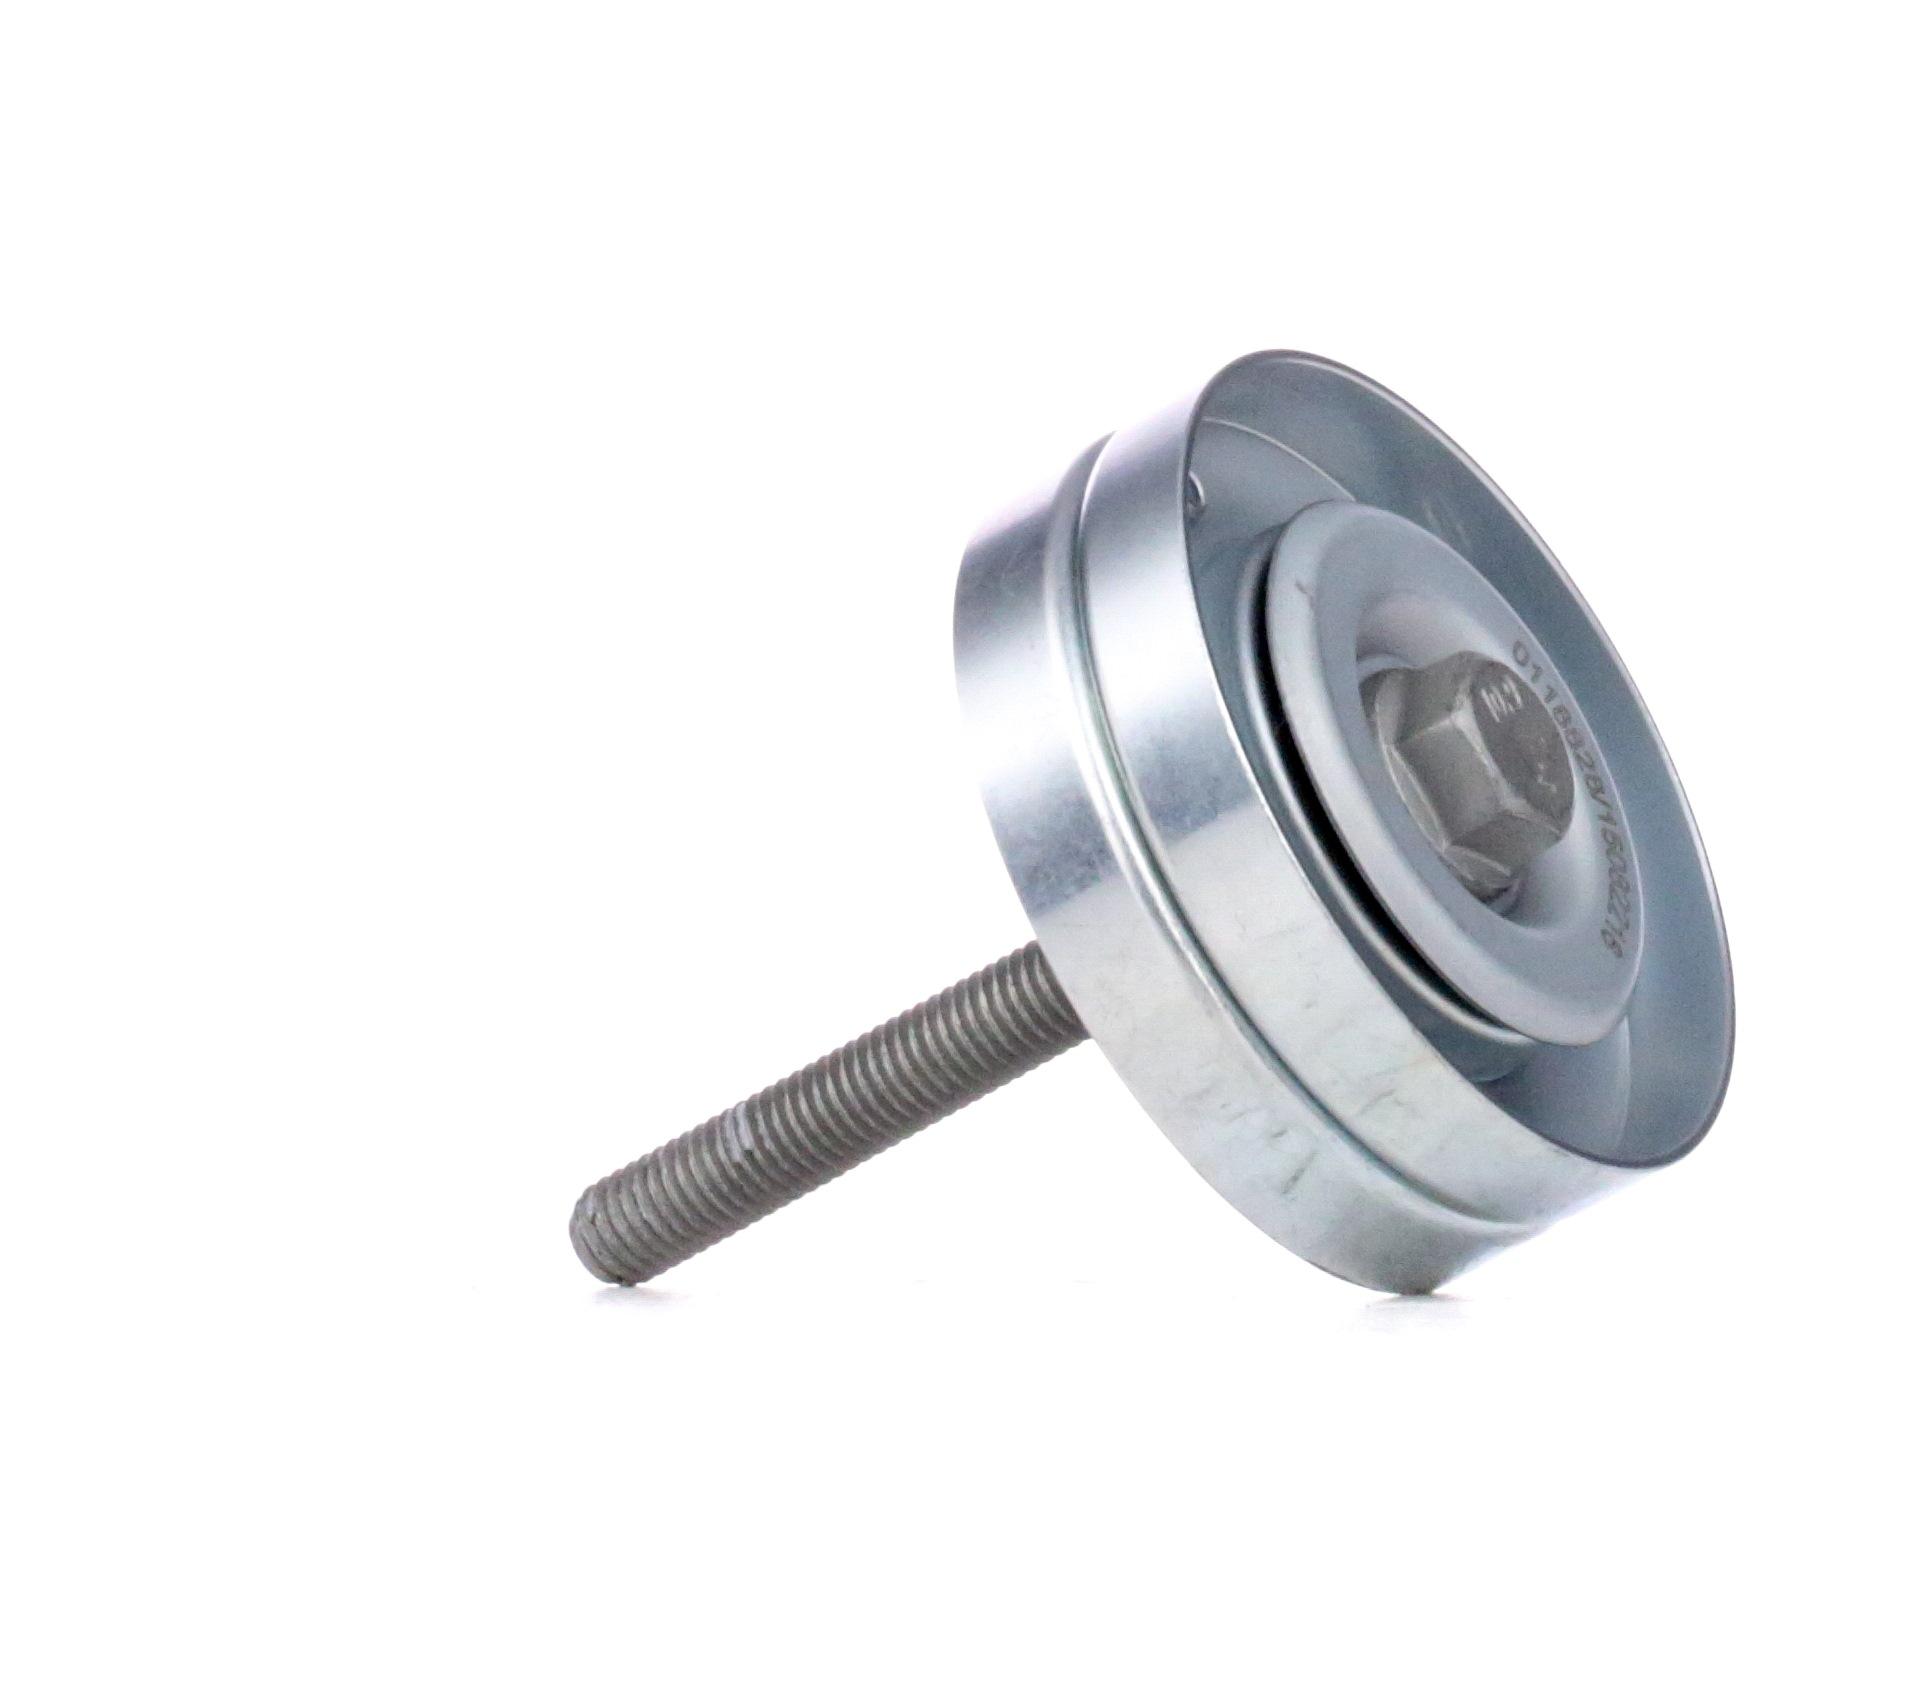 Achetez Courroies, chaînes, galets STARK SKDG-1080098 (Ø: 76mm, Ø: 76mm, Ø: 76mm) à un rapport qualité-prix exceptionnel